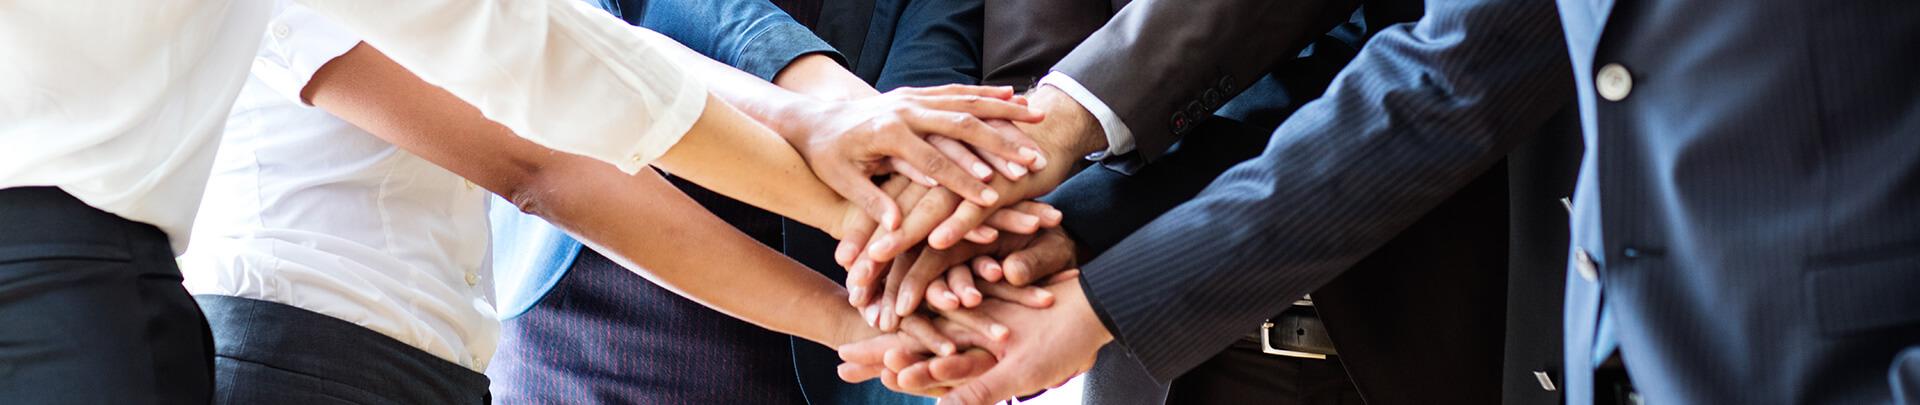 Unternehmen Hände